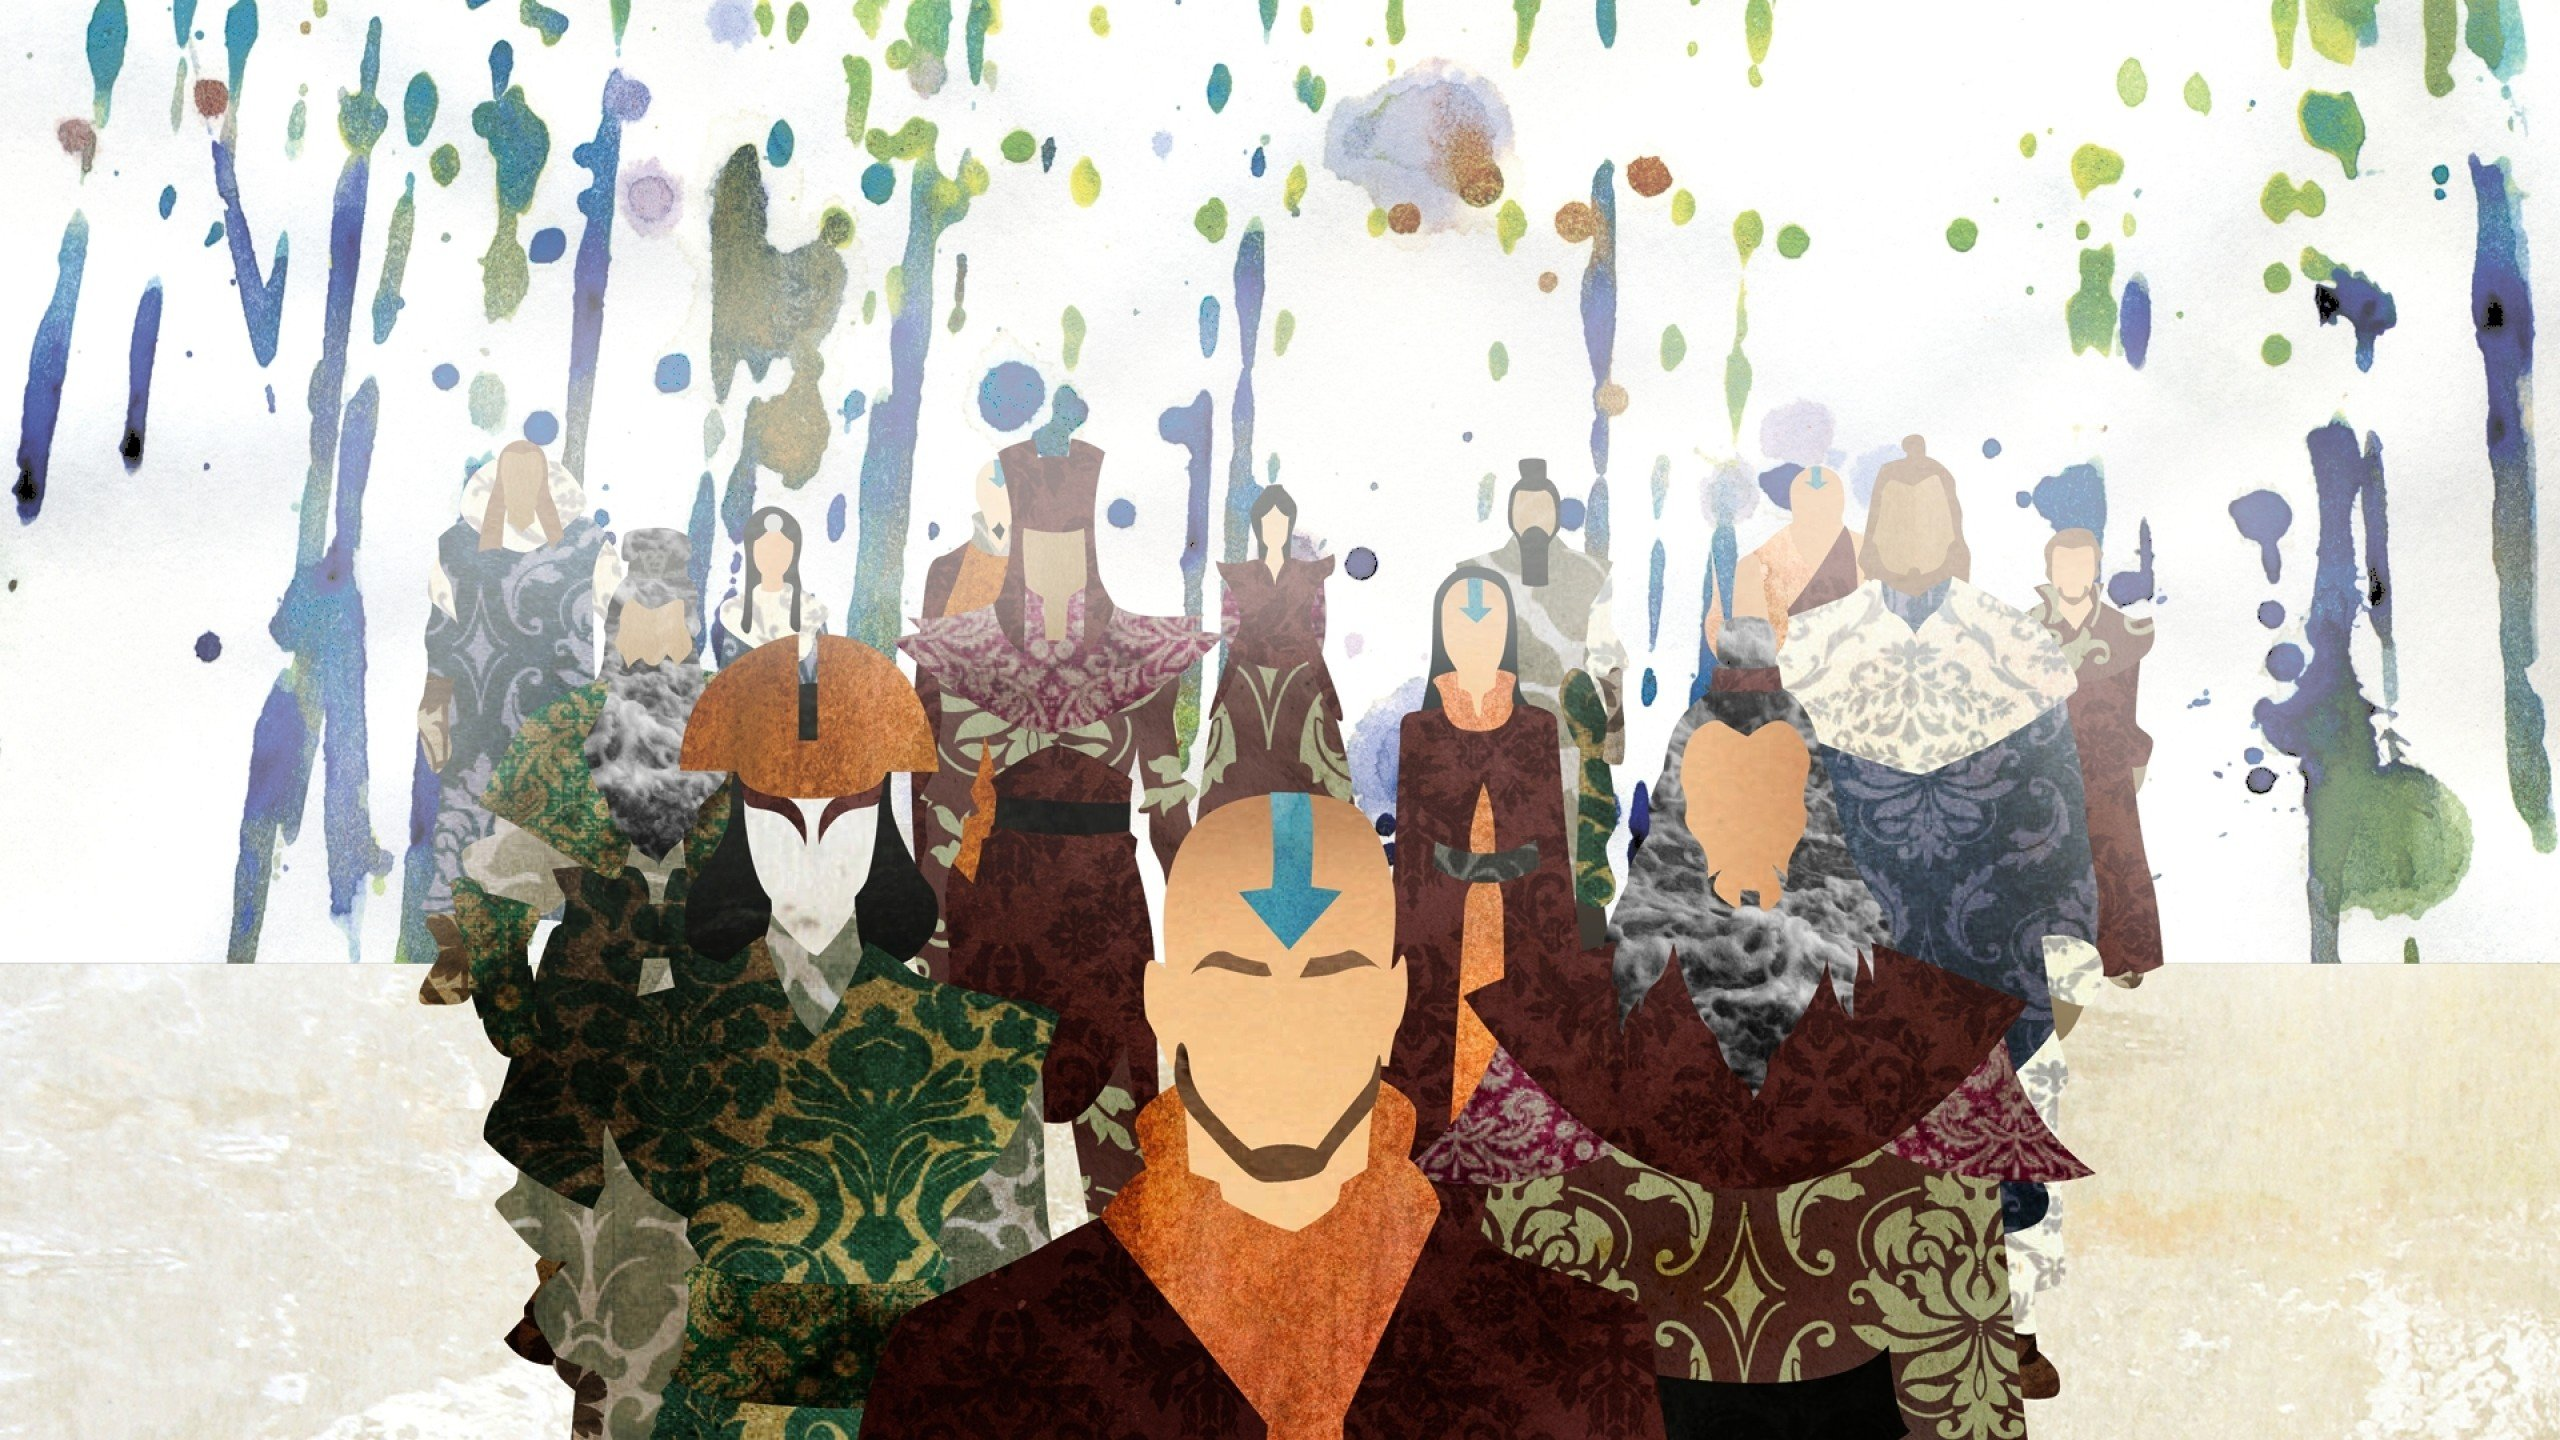 Aang Korra aang, avatar: the last airbender, the legend of korra